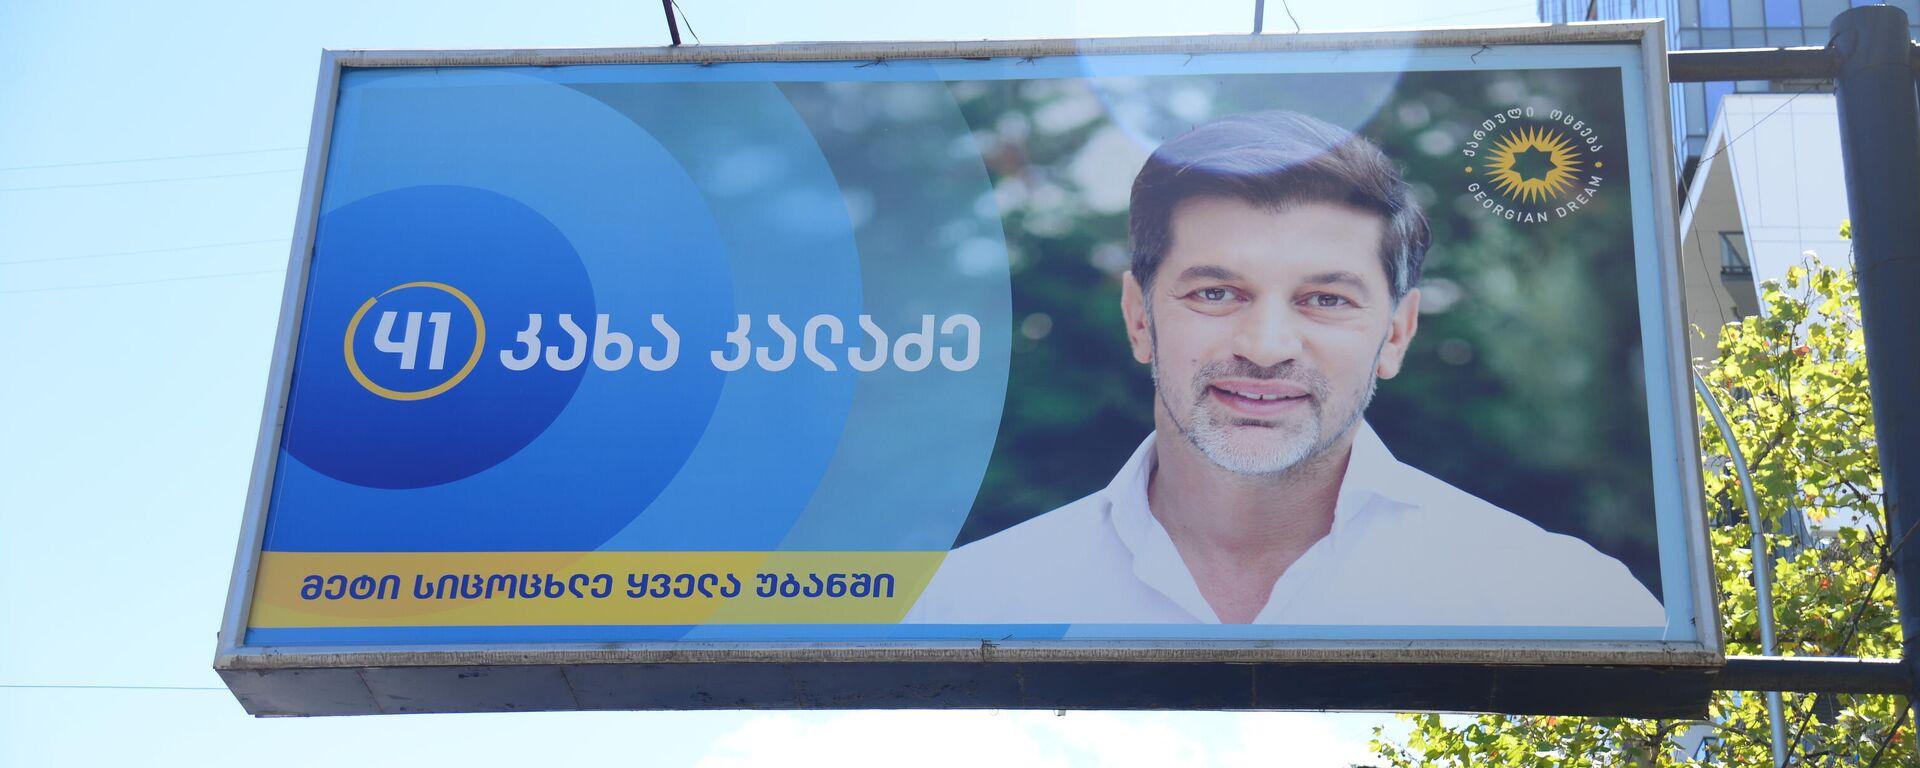 Предвыборная реклама - баннер правящей партии Грузинская мечта, Каха Каладзе - Sputnik Грузия, 1920, 10.09.2021